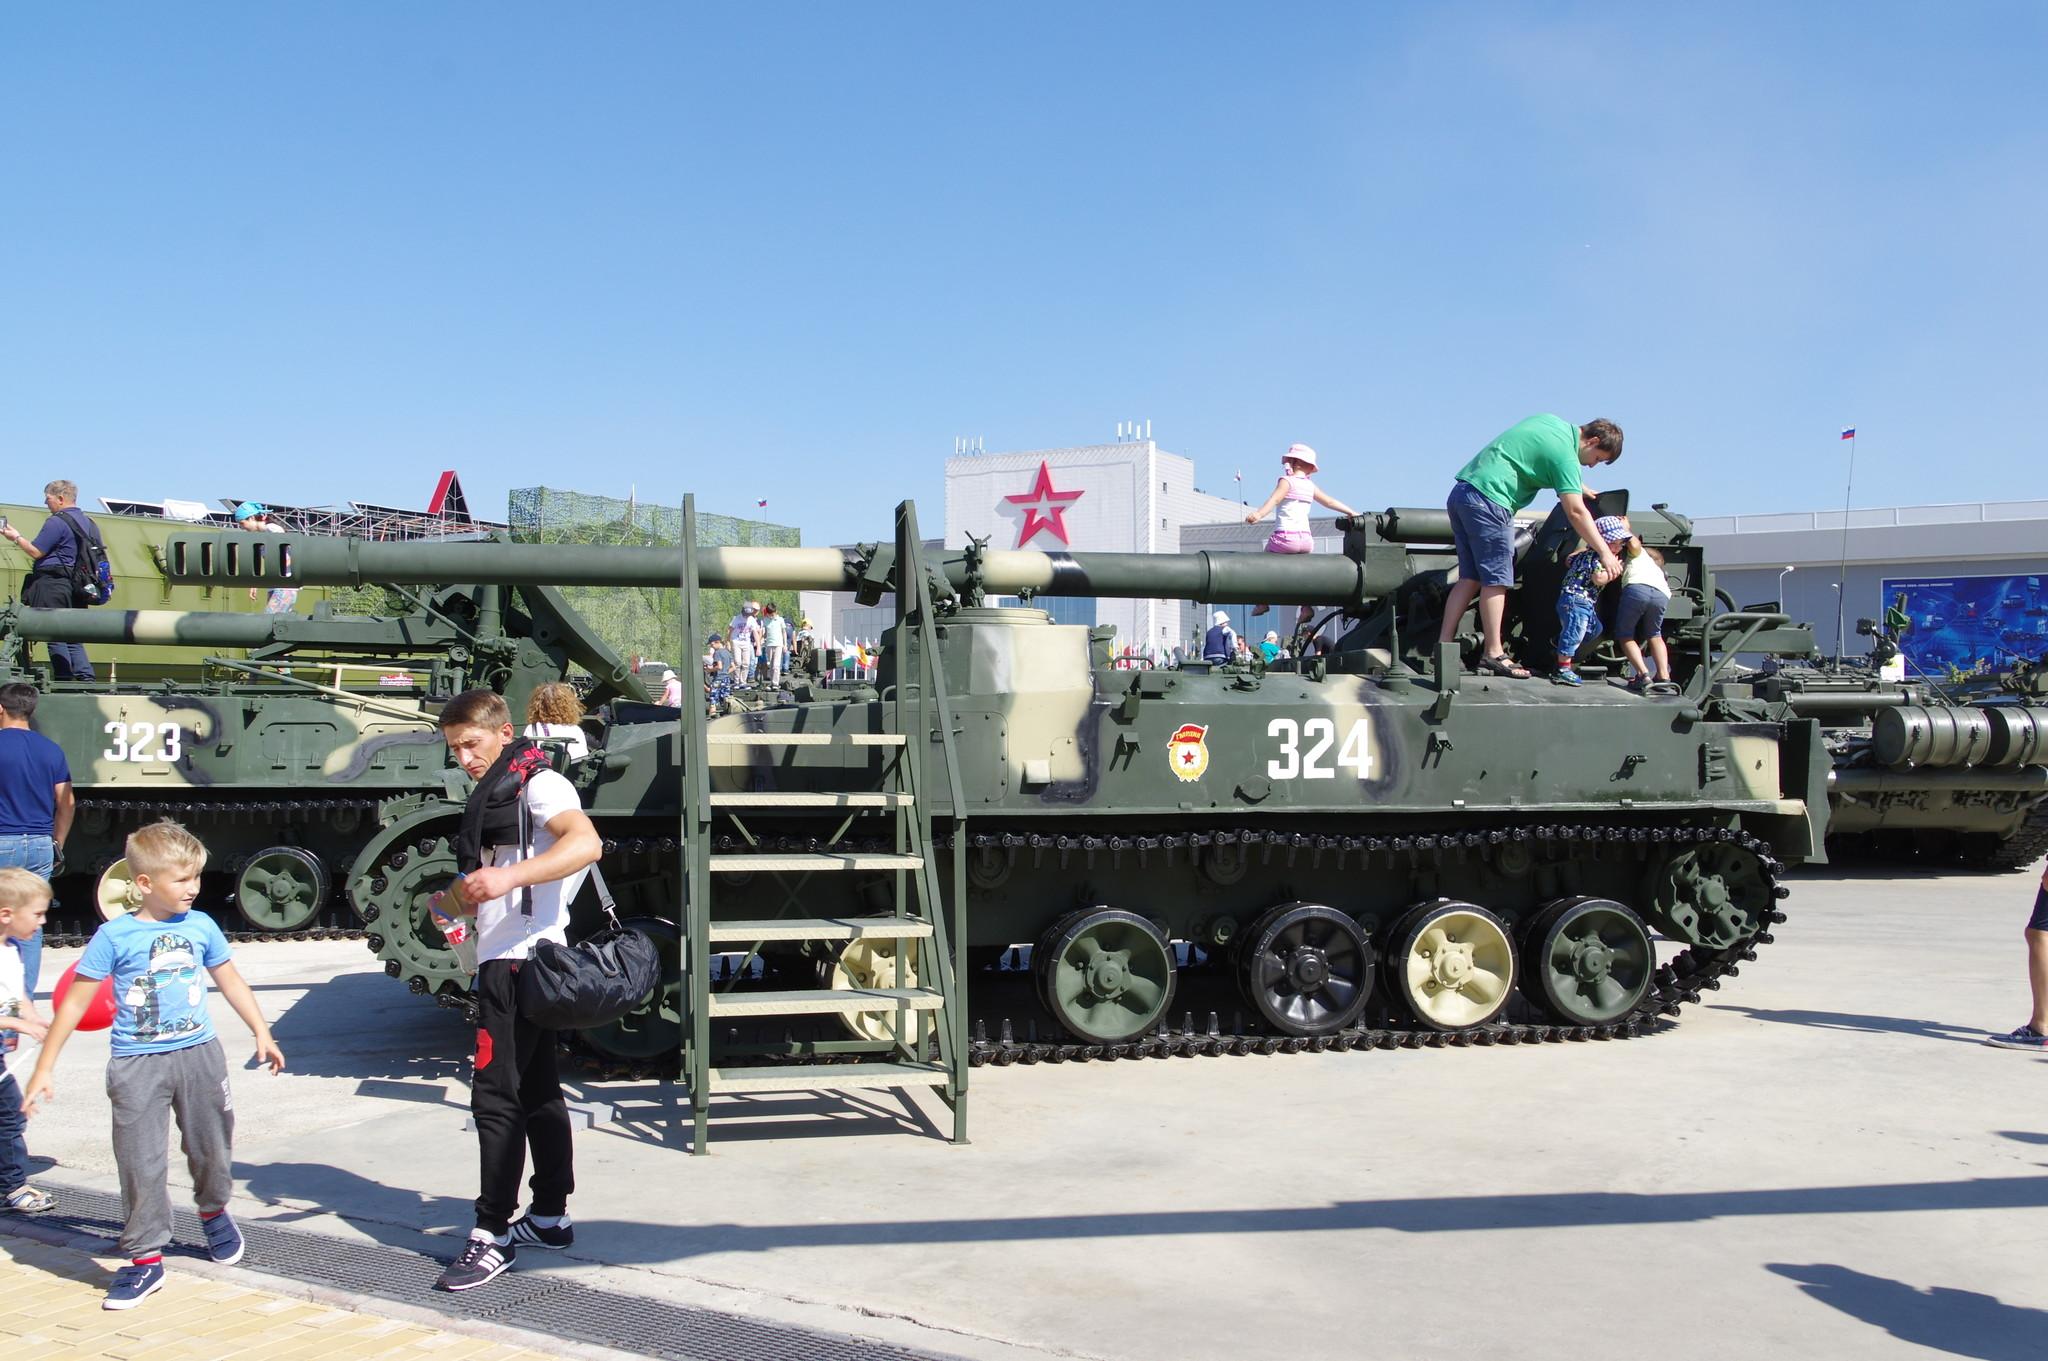 152-мм армейская самоходная пушка 2С5 «Гиацинт-С» в экспозиции парка «Патриот»